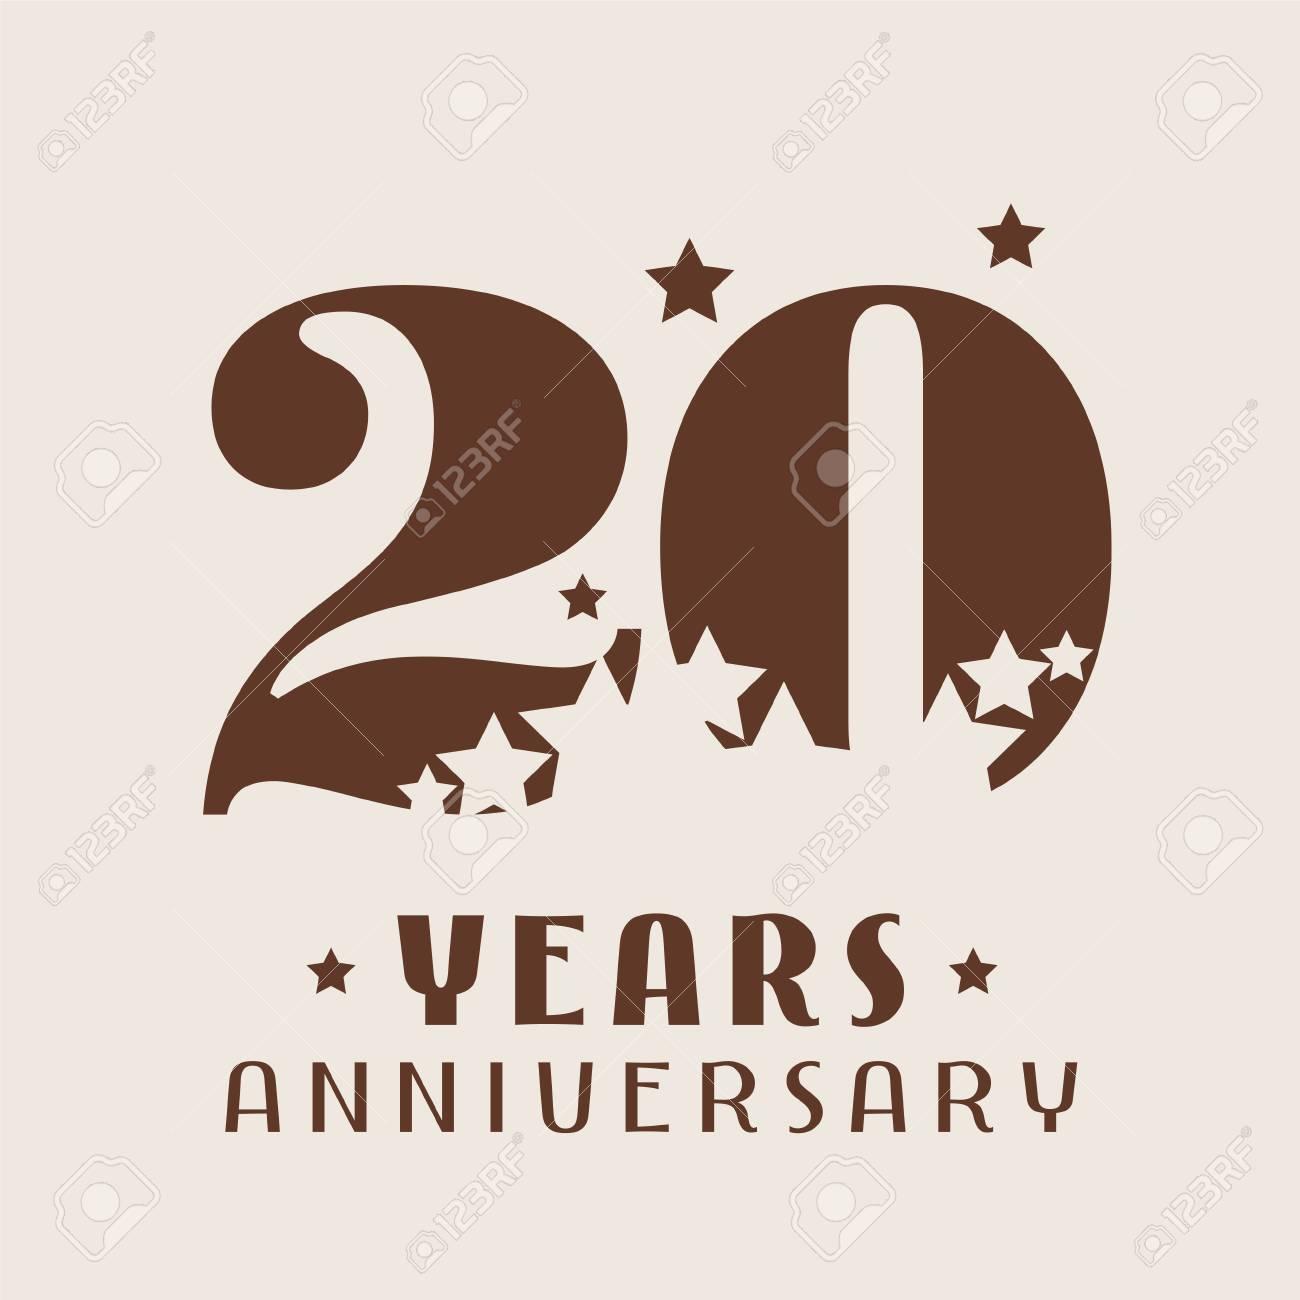 Icône De Vecteur 20 Ans Anniversaire Logo élément De Design Graphique Avec Décoration De Nombre Et Détoiles Pour Le 20e Anniversaire